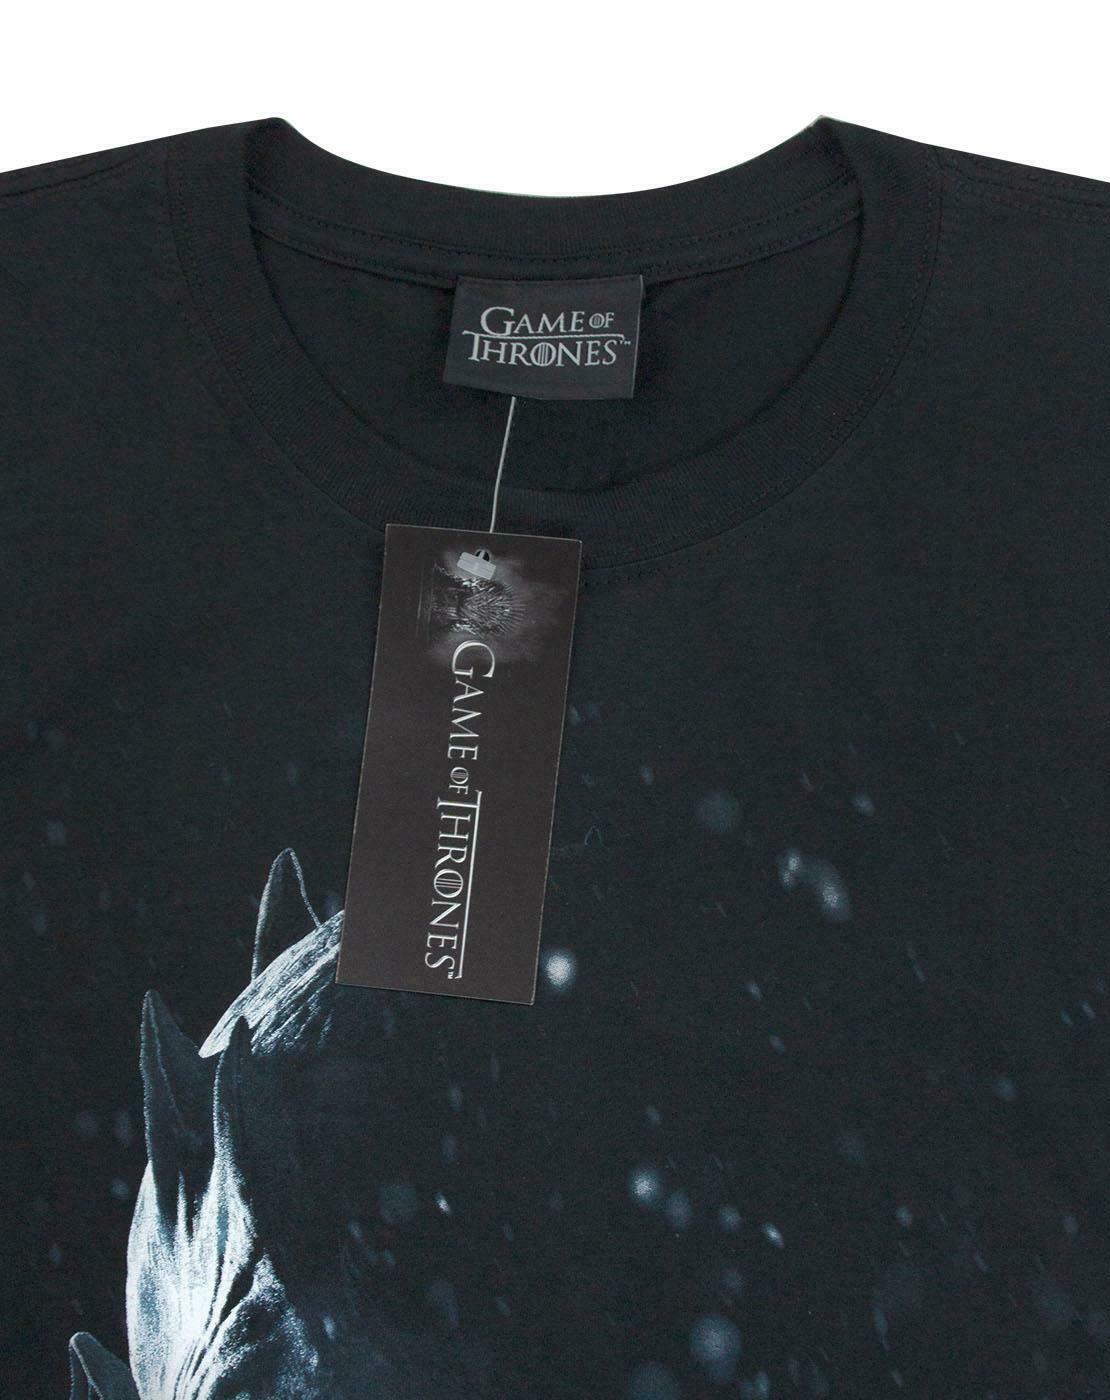 Game-Of-Thrones-Night-Ice-King-White-Walker-Leader-Men-039-s-Black-T-Shirt thumbnail 7